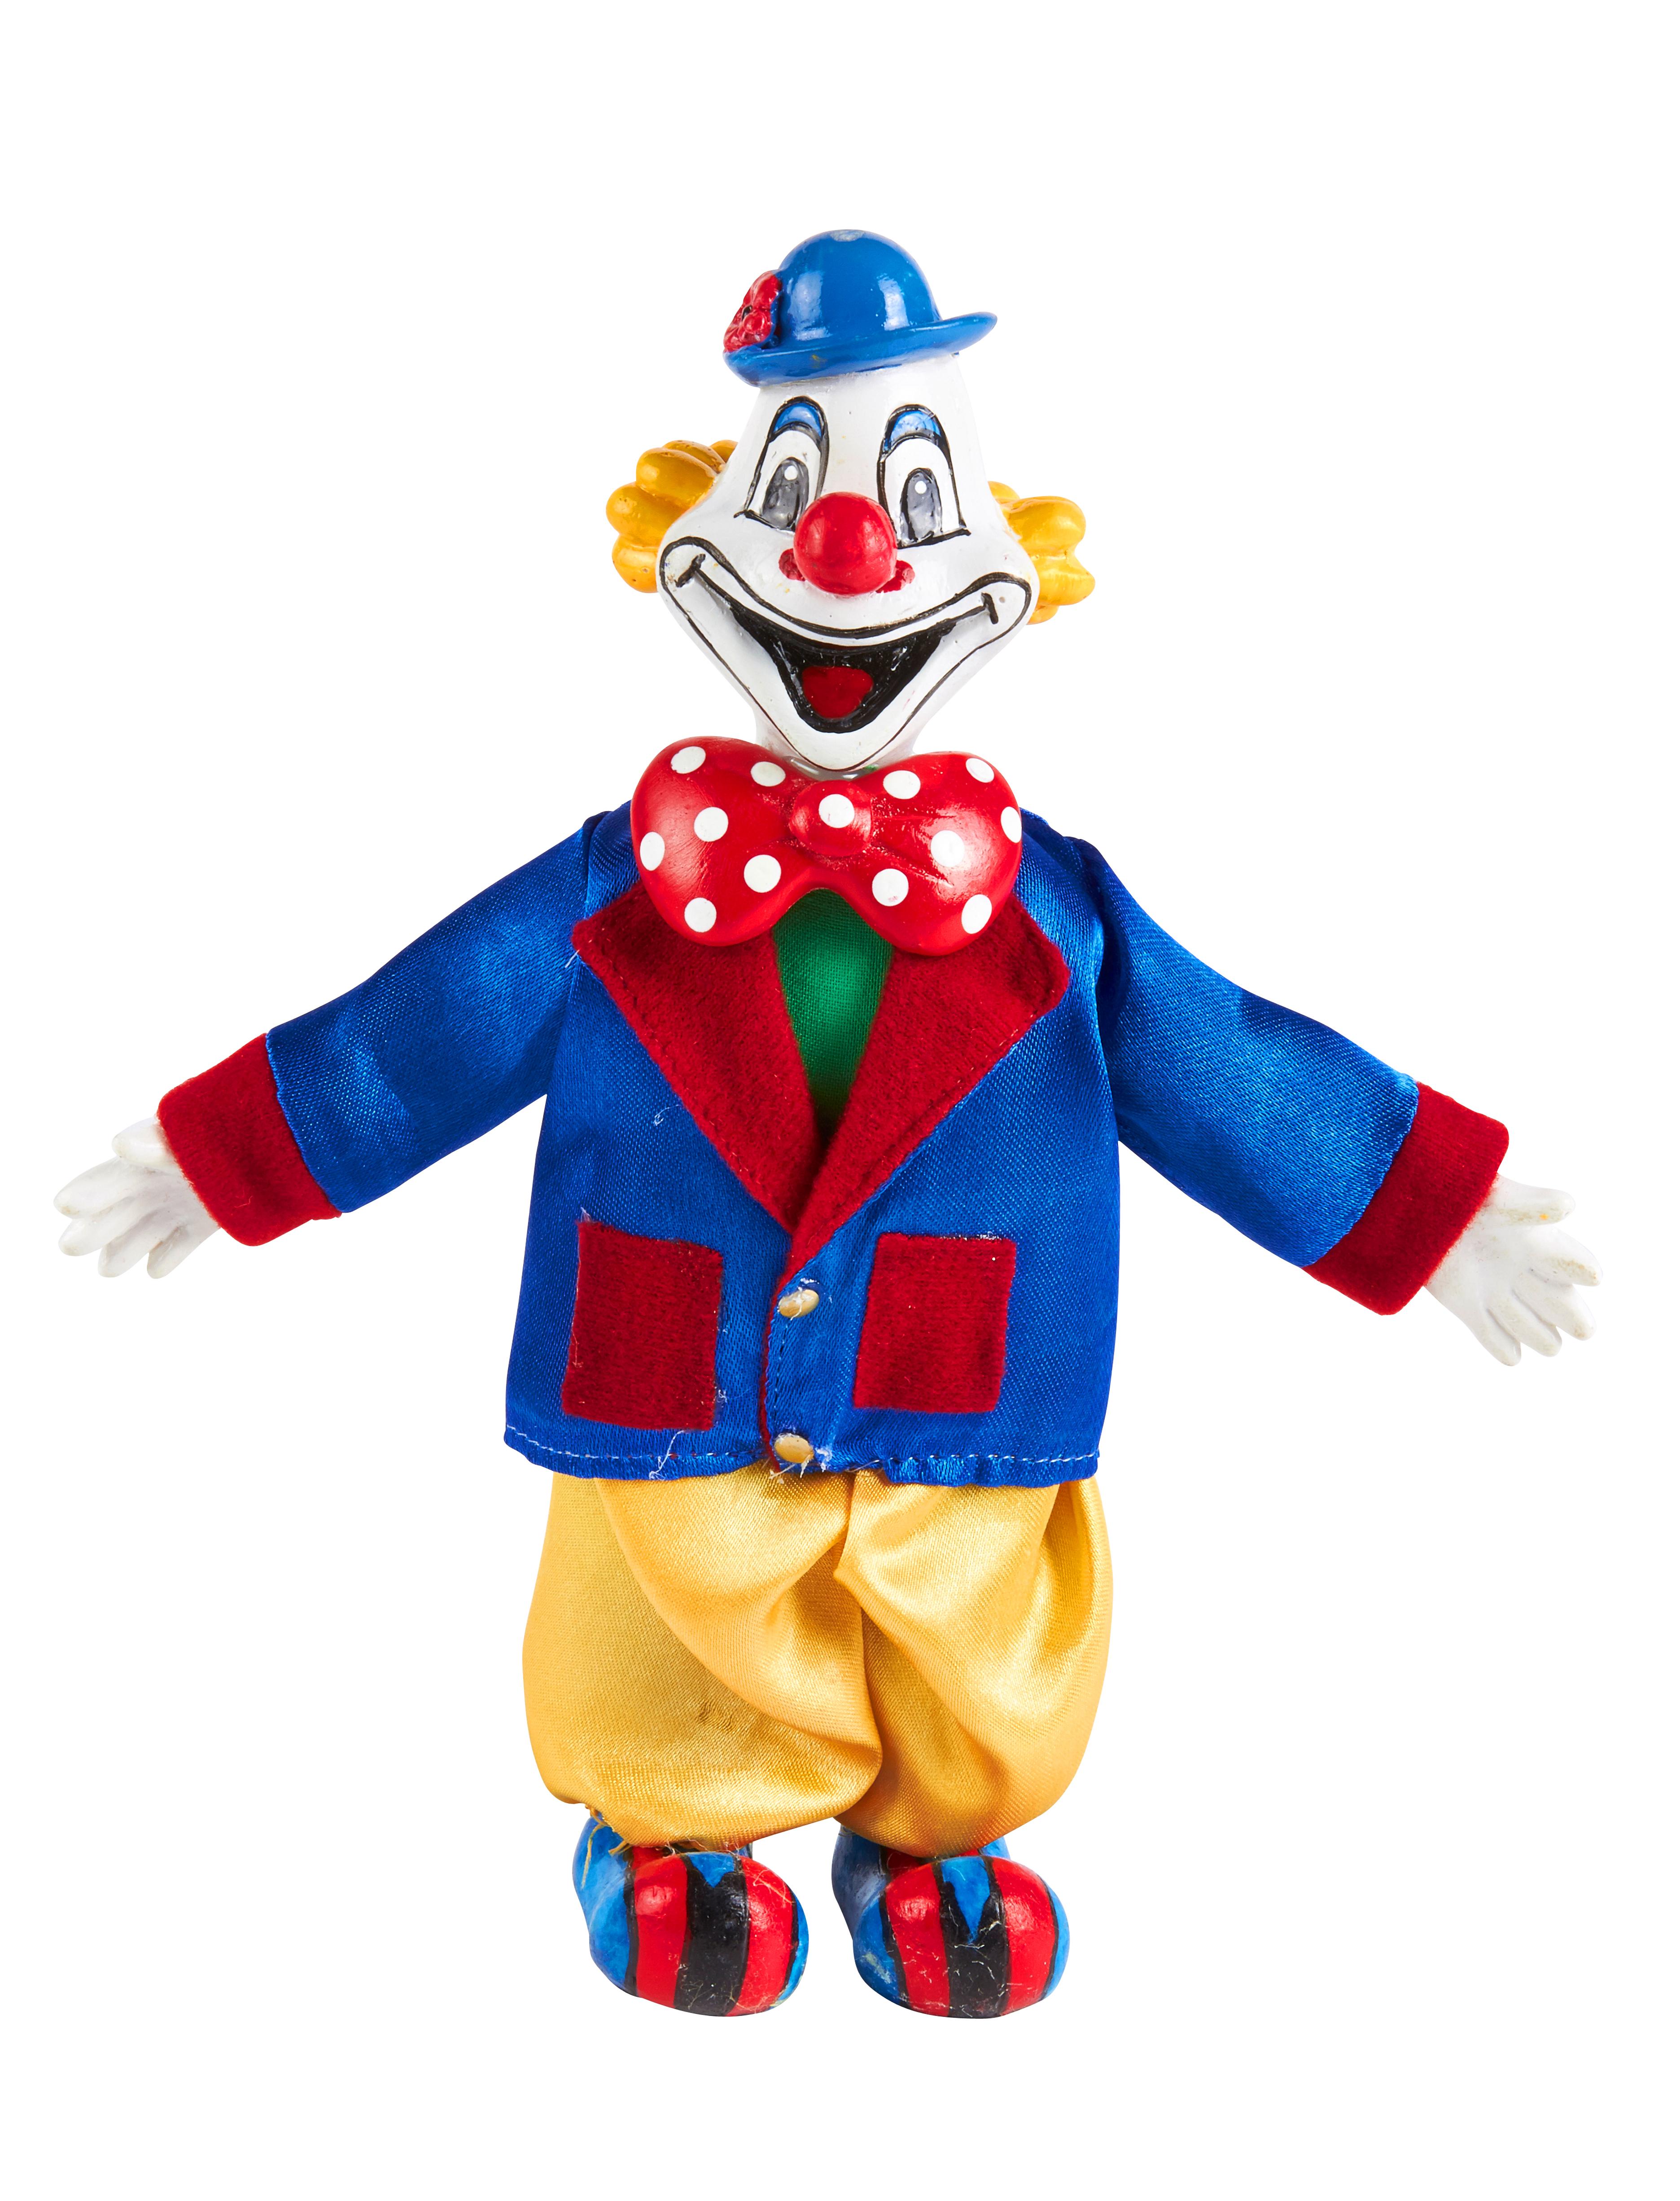 Kostuemzubehor Deiters Clown 15cm Farbe: multicolor bzw. bunt